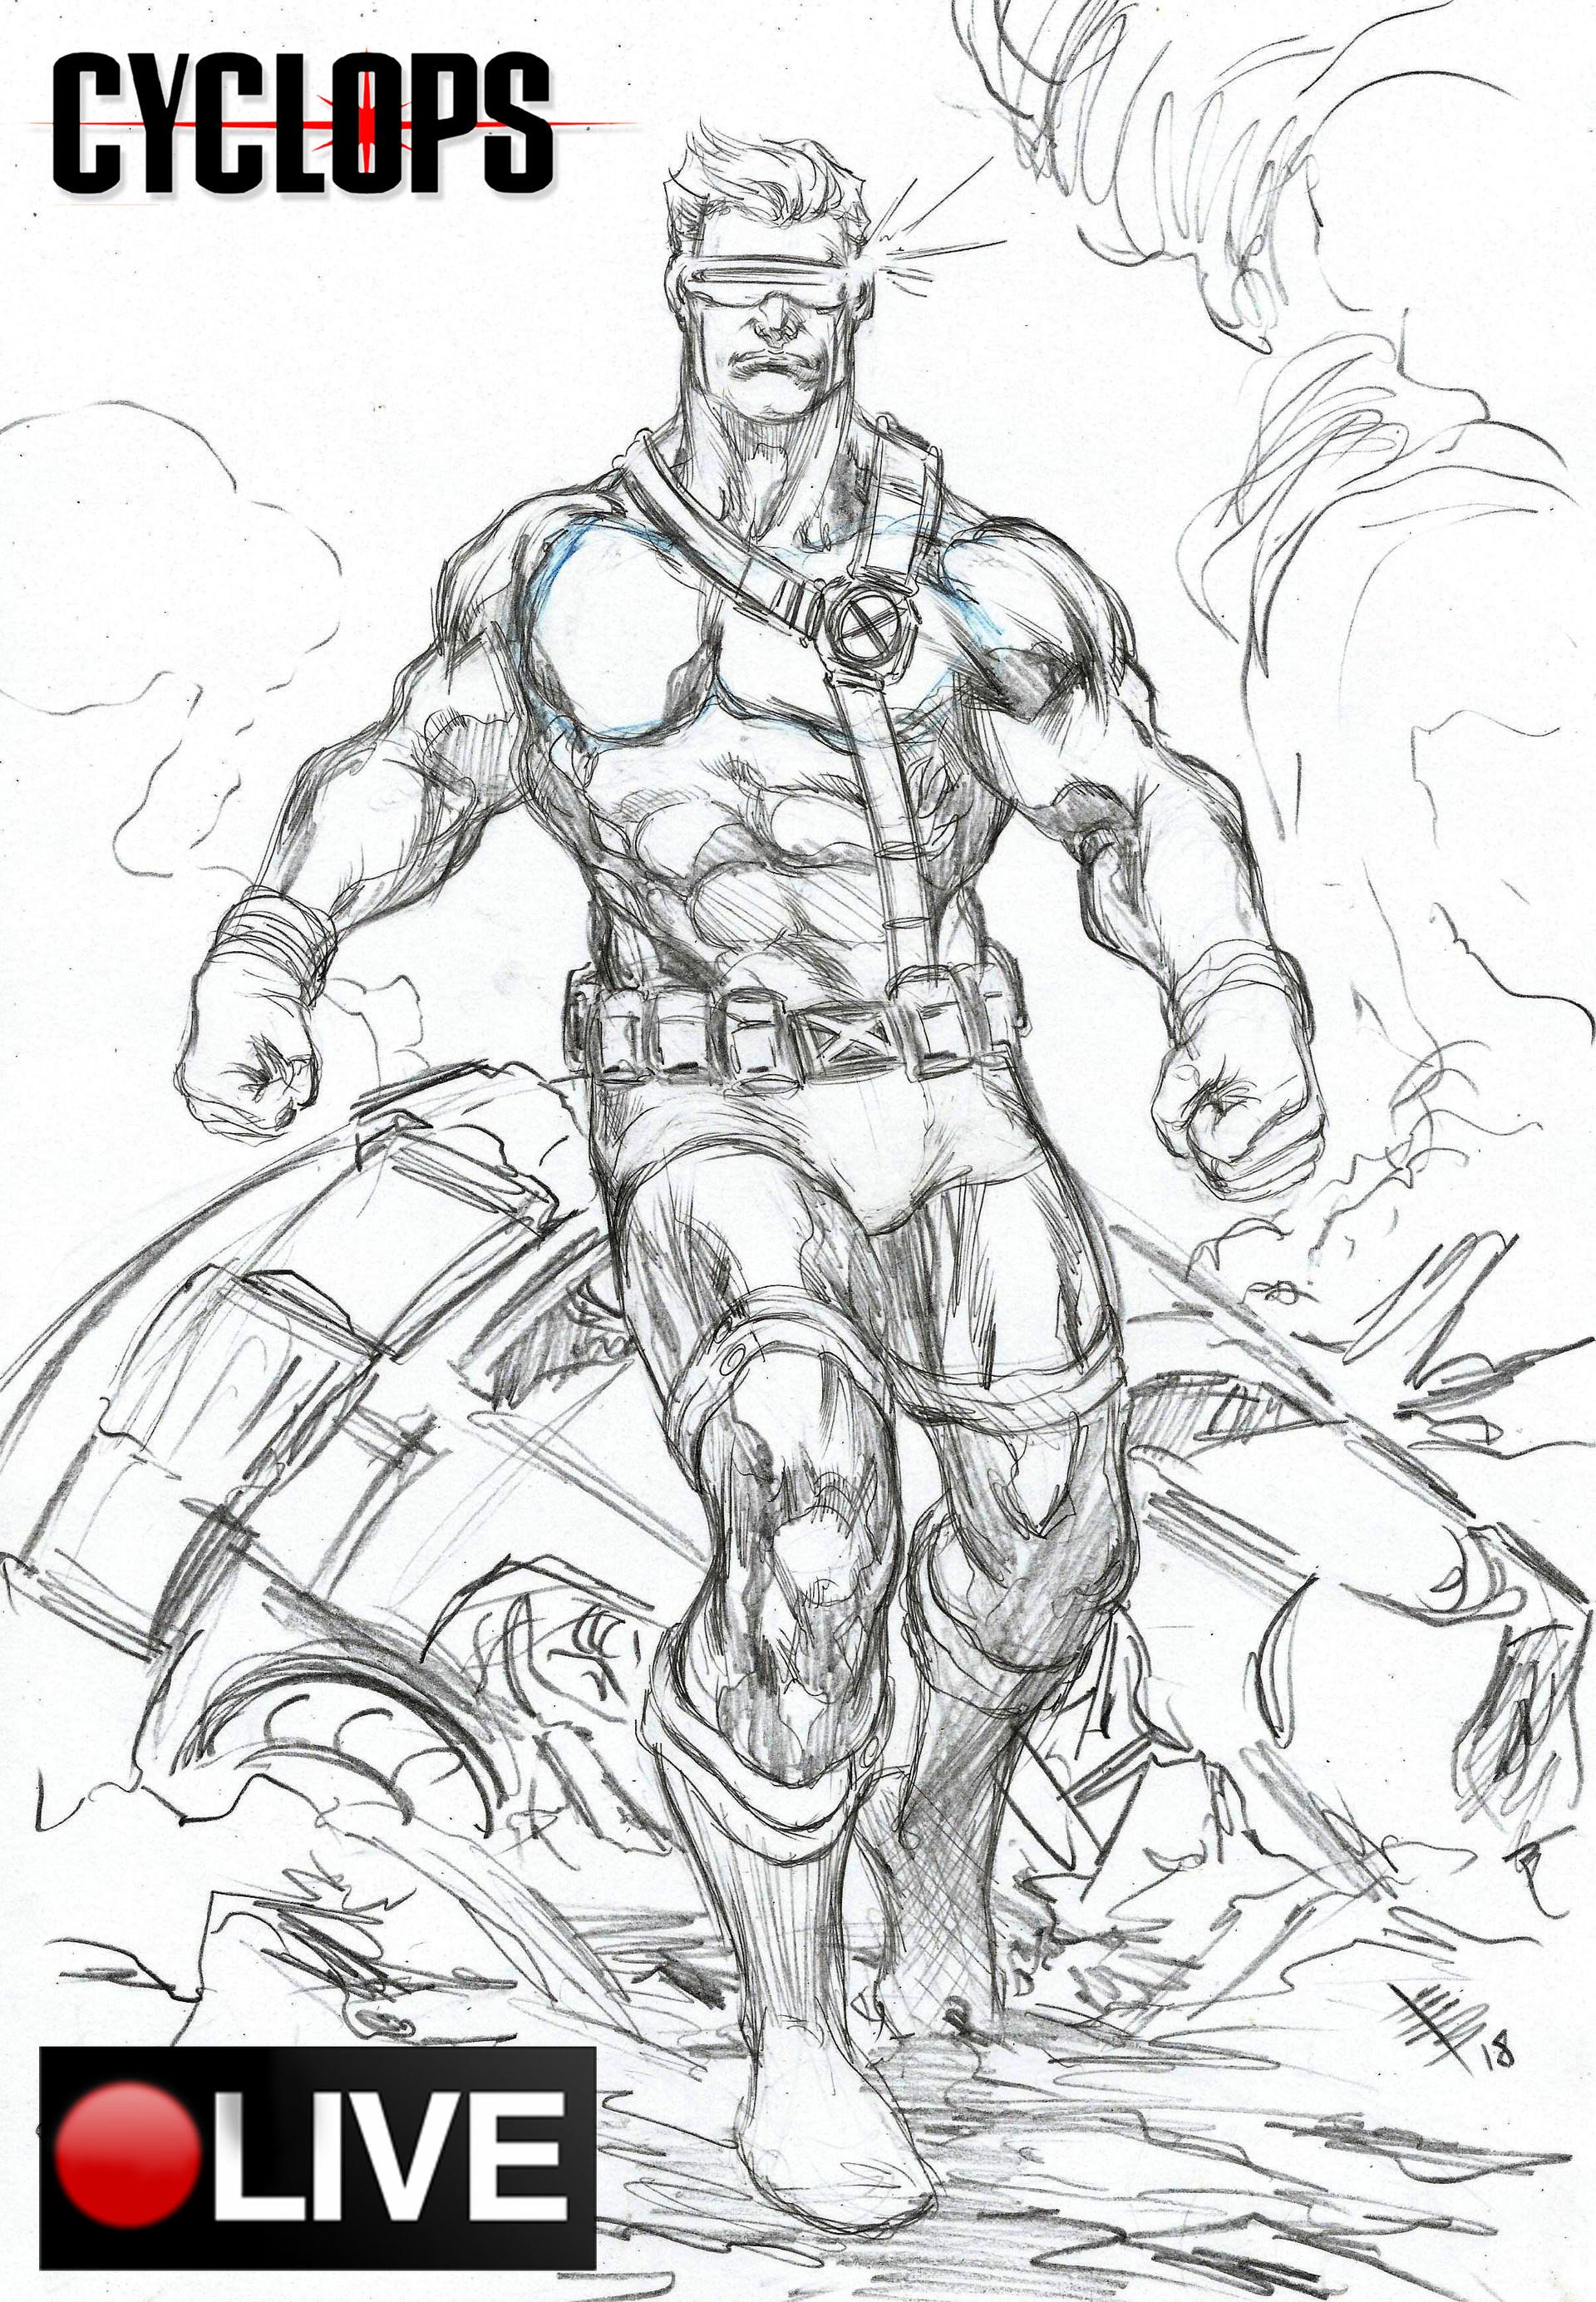 Cyclops x men pencil sketch